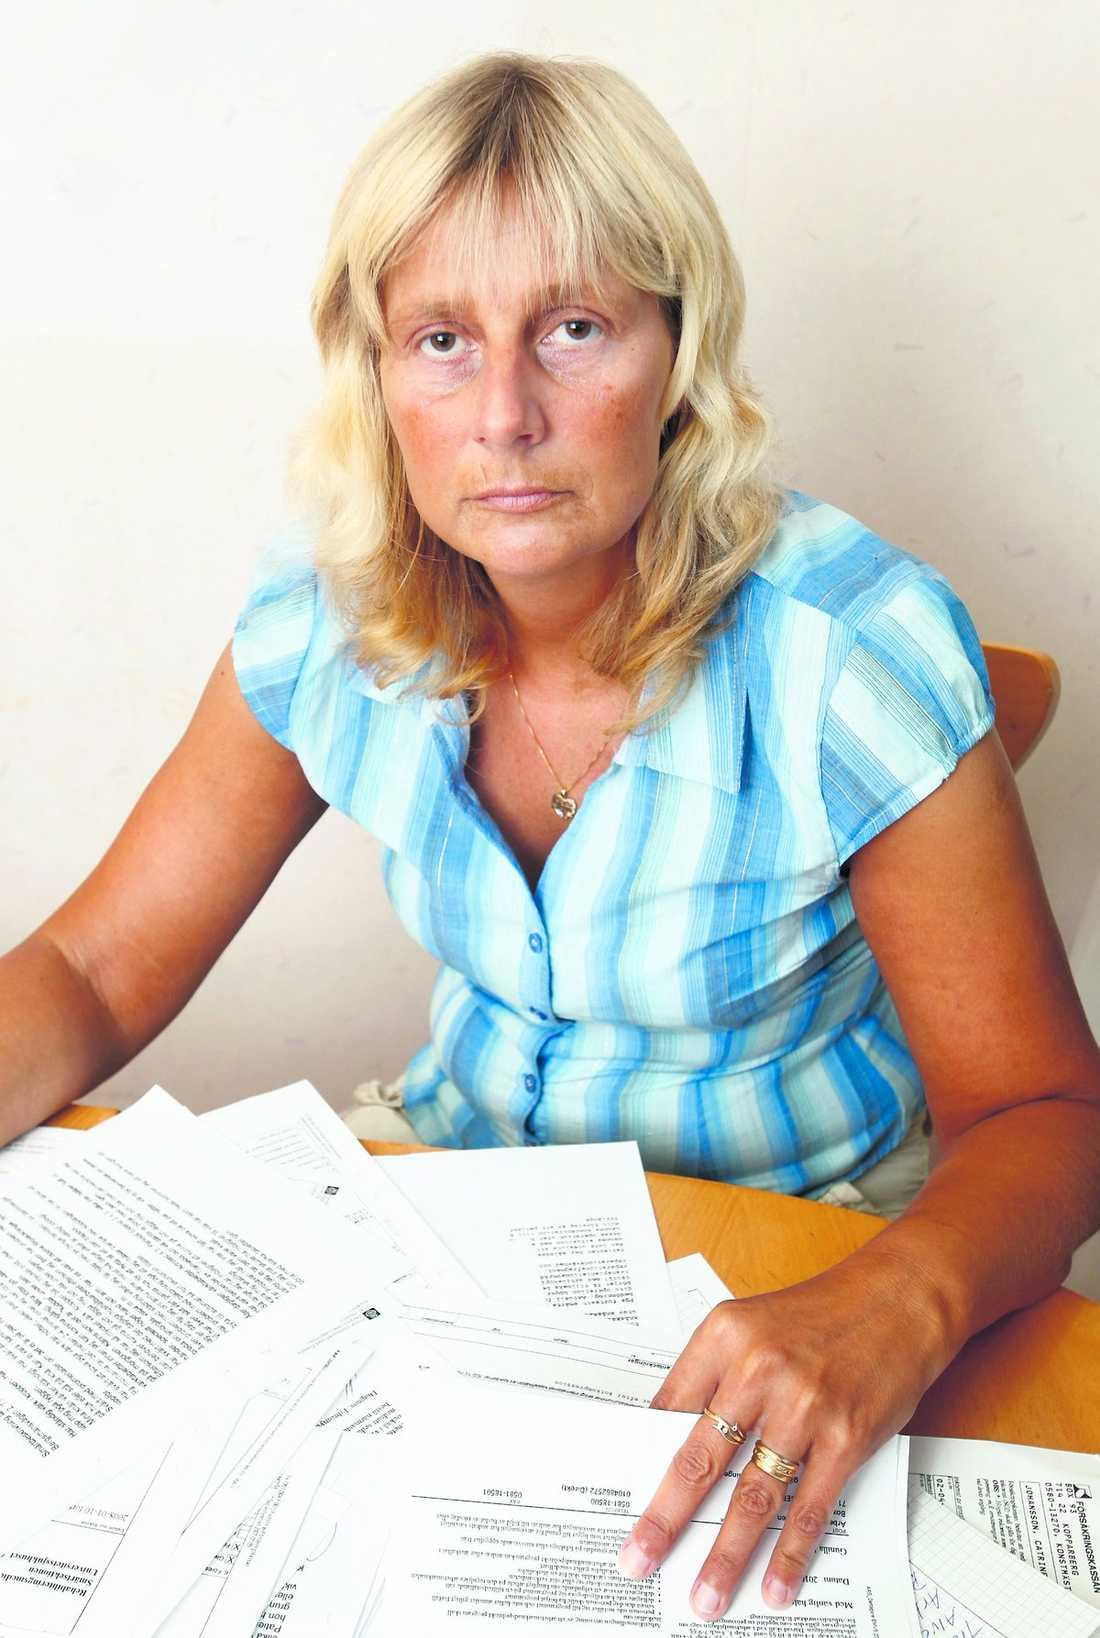 Nollklassad I oktober i fjol slog Försäkringskassan plötsligt fast, trots intyg från två läkare, att Catrine Johansson är för sjuk för att jobba. Men hon är för frisk för att få sjukersättning.